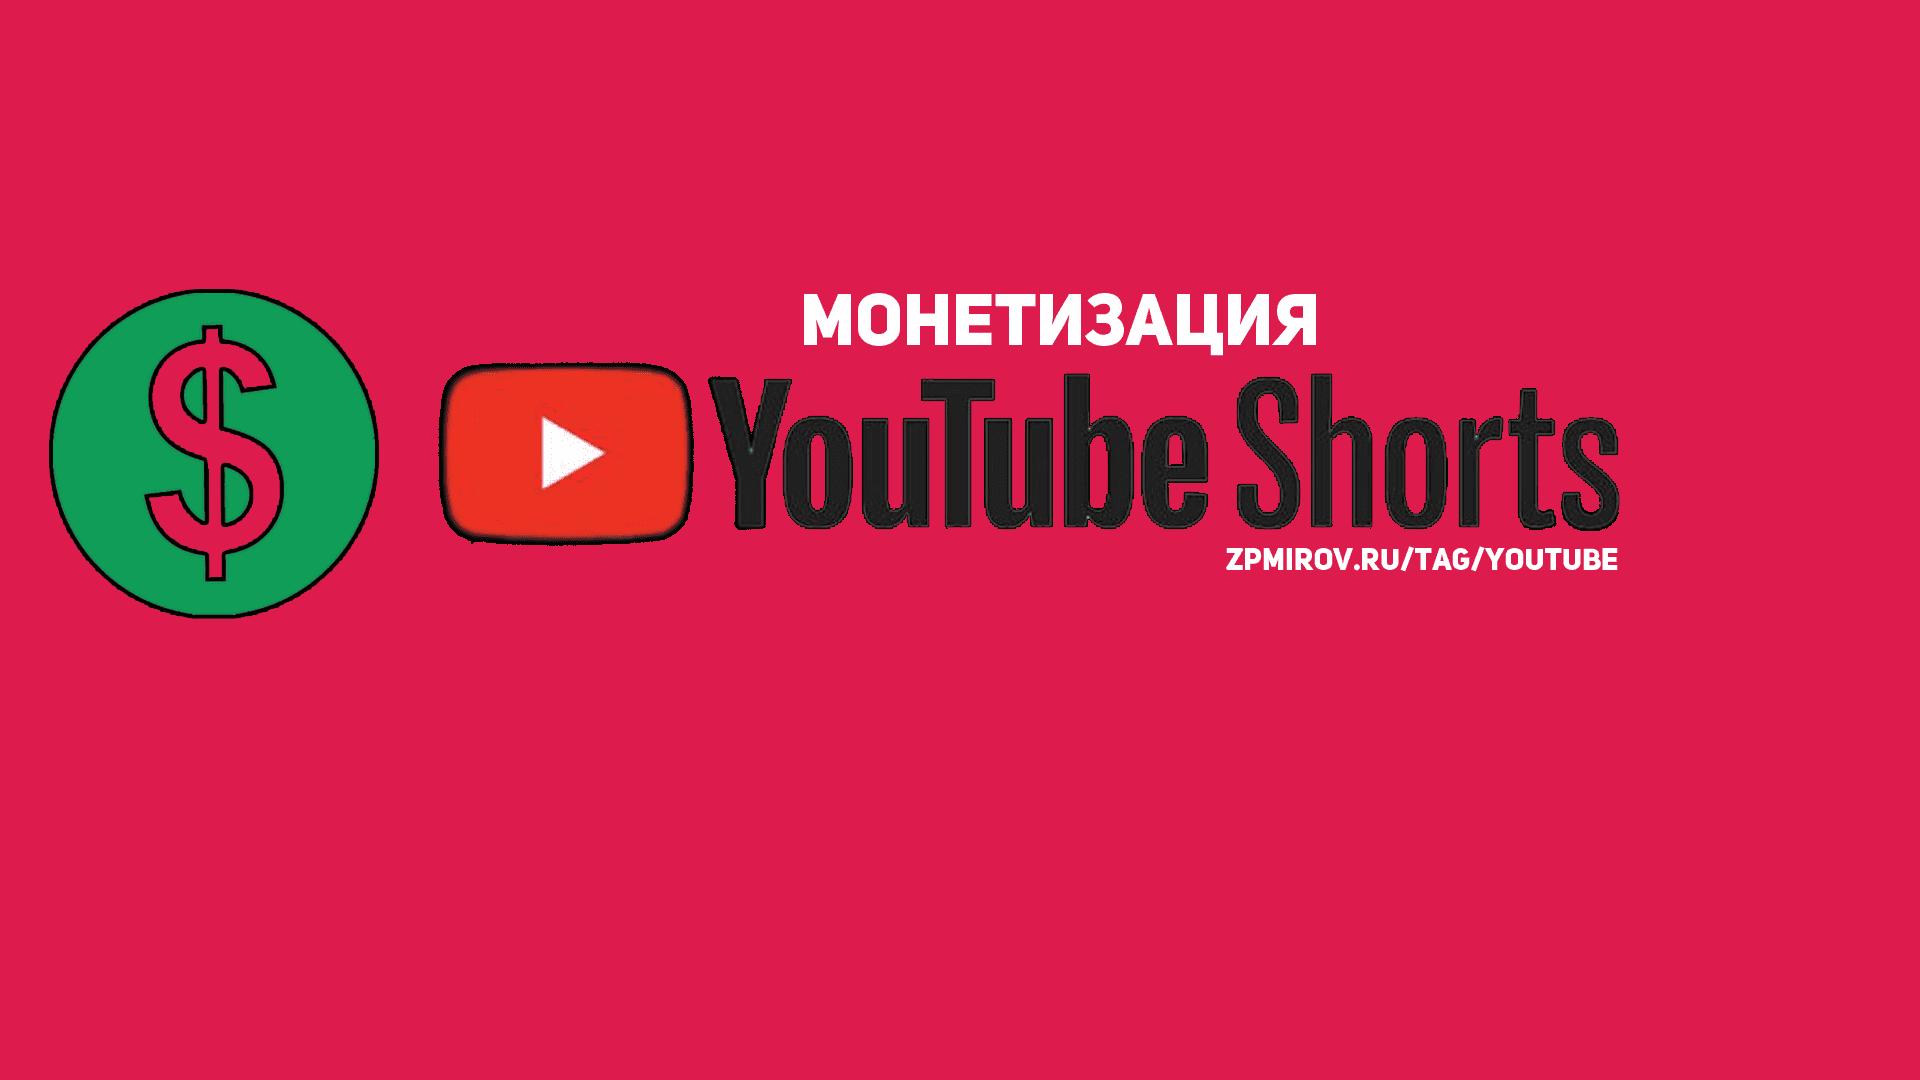 Монетизация коротких видео ютуб шортс